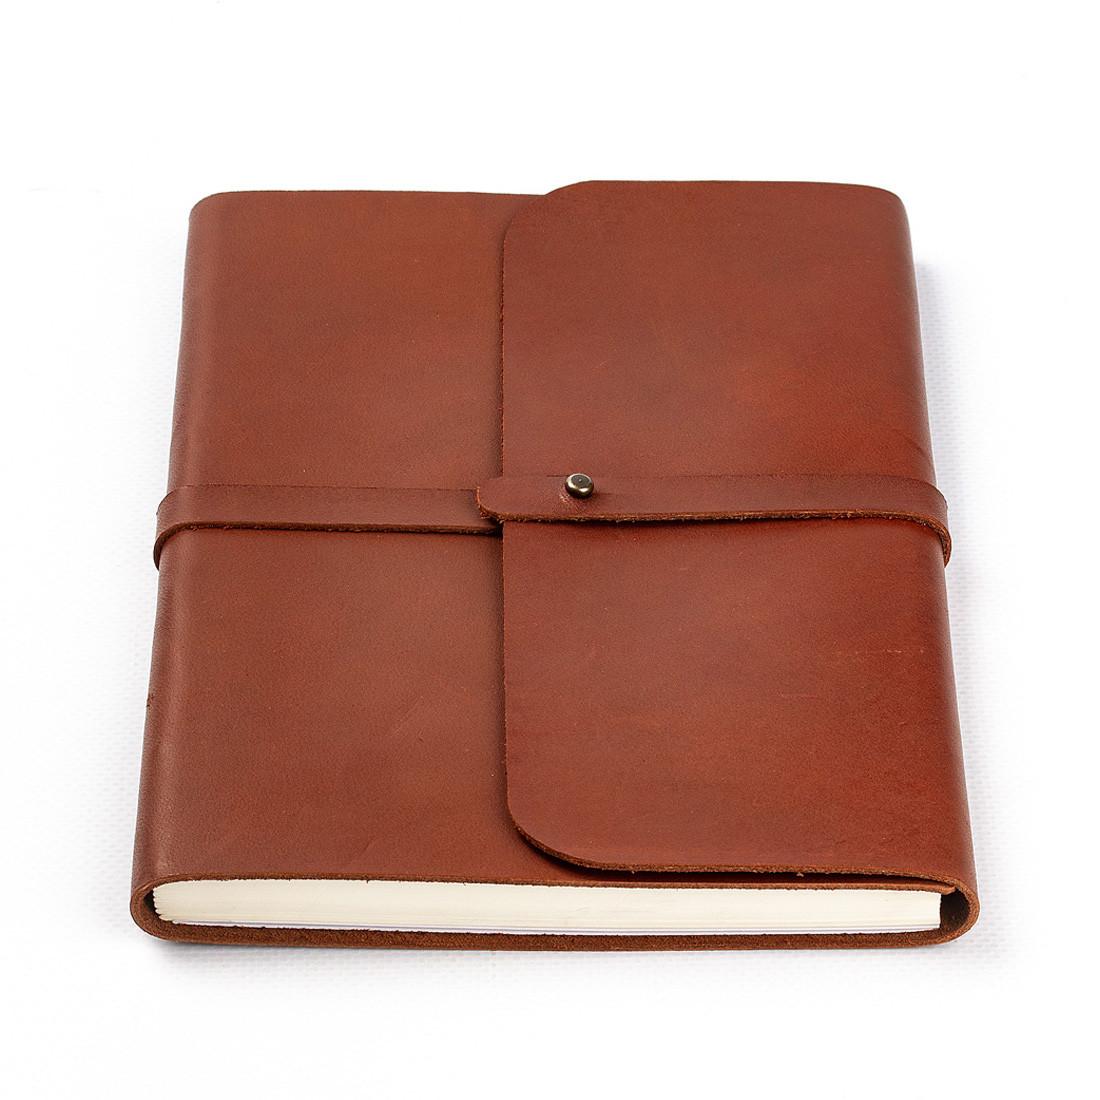 Кожаный блокнот M. Софтбук А5. Блокнот в кожаной обложке